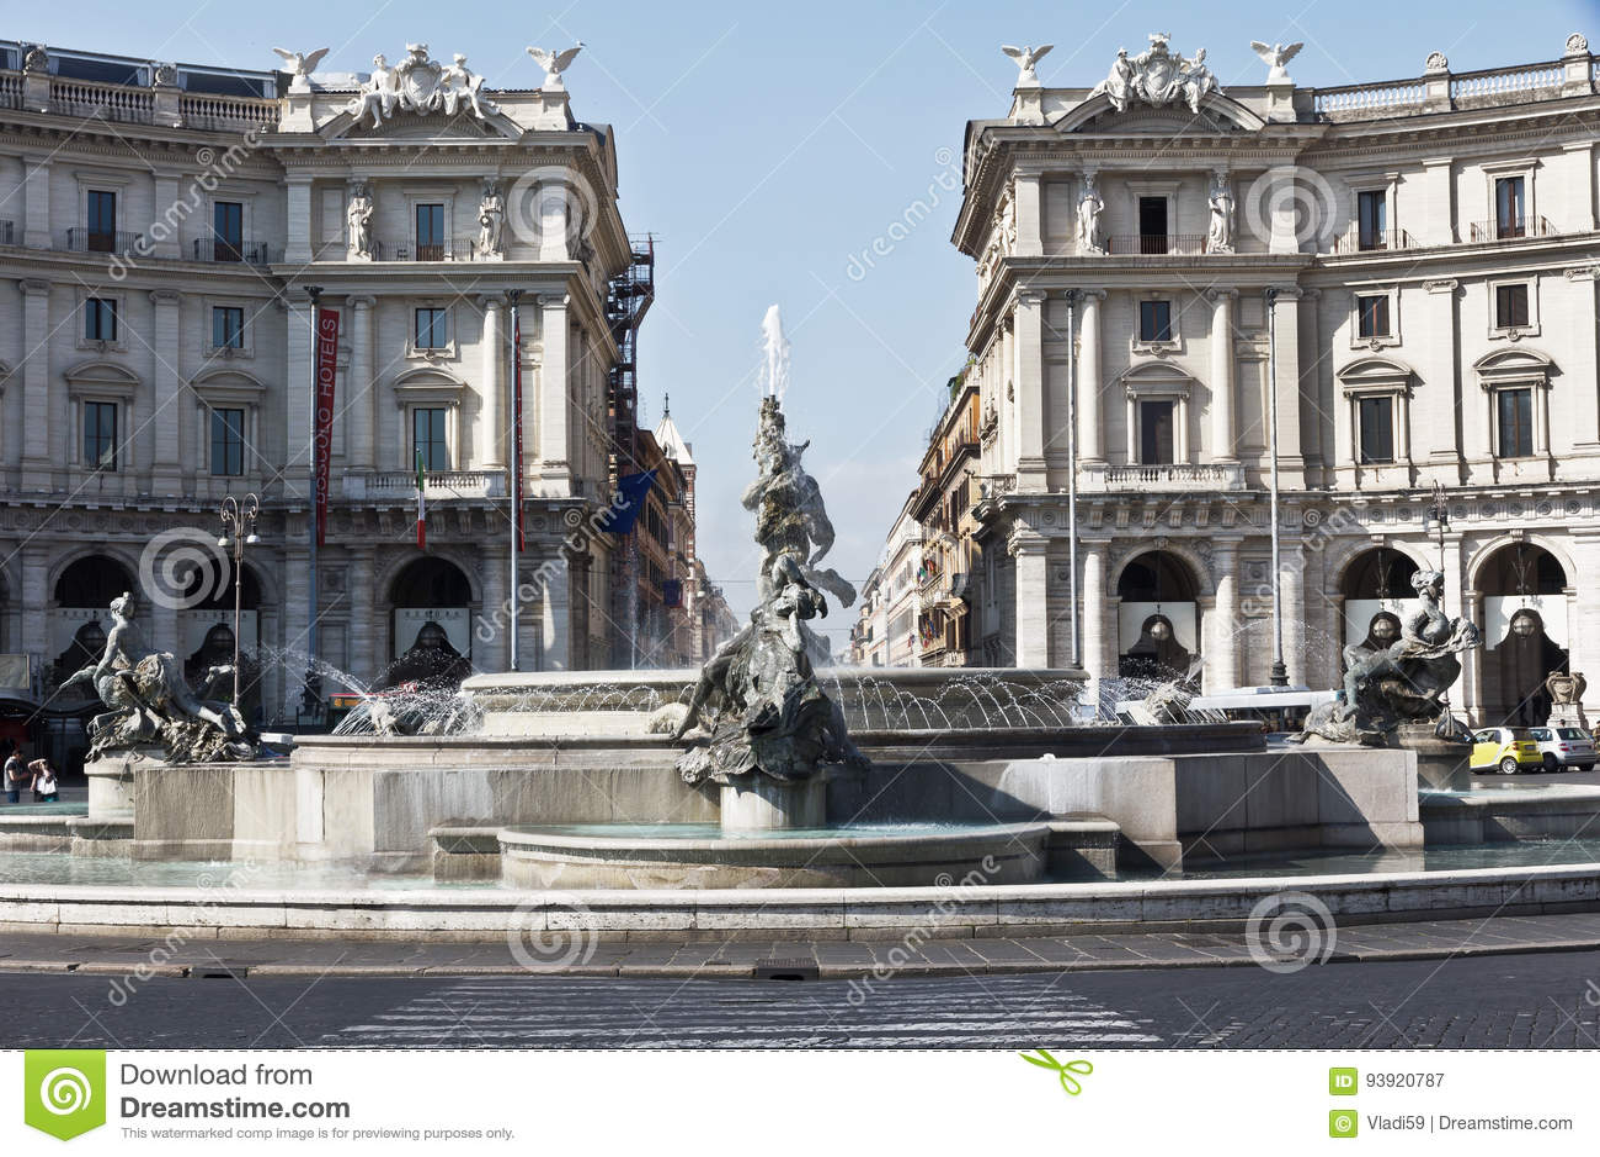 GRATUITEMENT DE LE TÉLÉCHARGER COLOSSE ROME